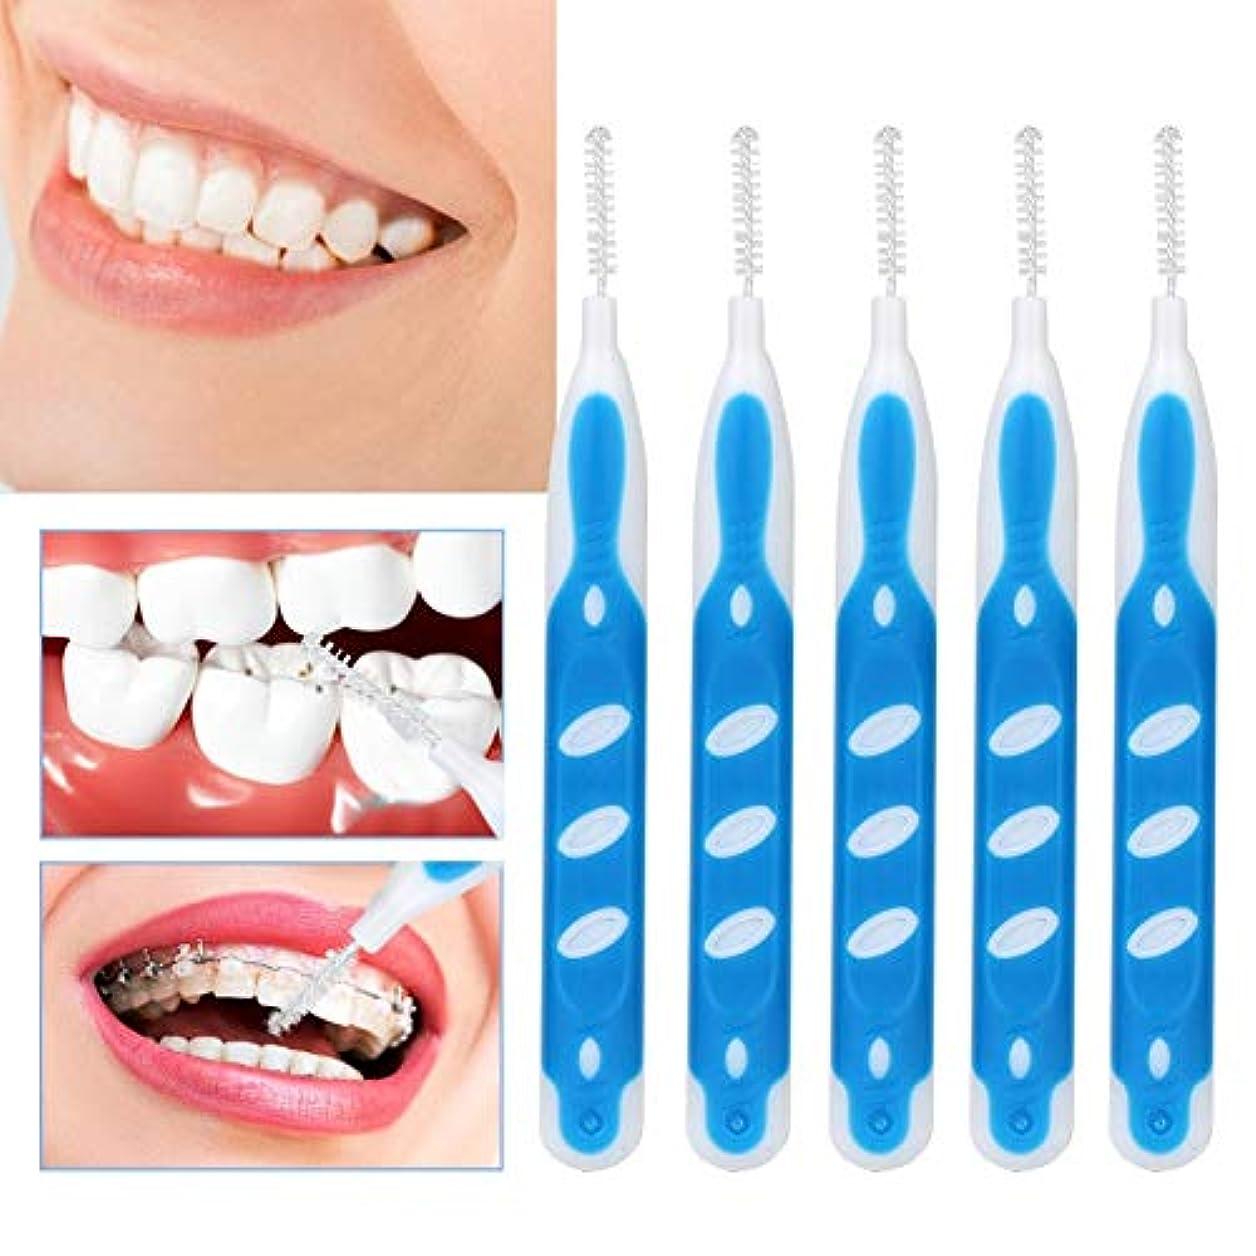 忠実操作可能しかし歯間ブラシ、5pcs歯のケアディープクリーニング歯間ブラシ柔らかい髪の歯の汚れの残留物除去ツール